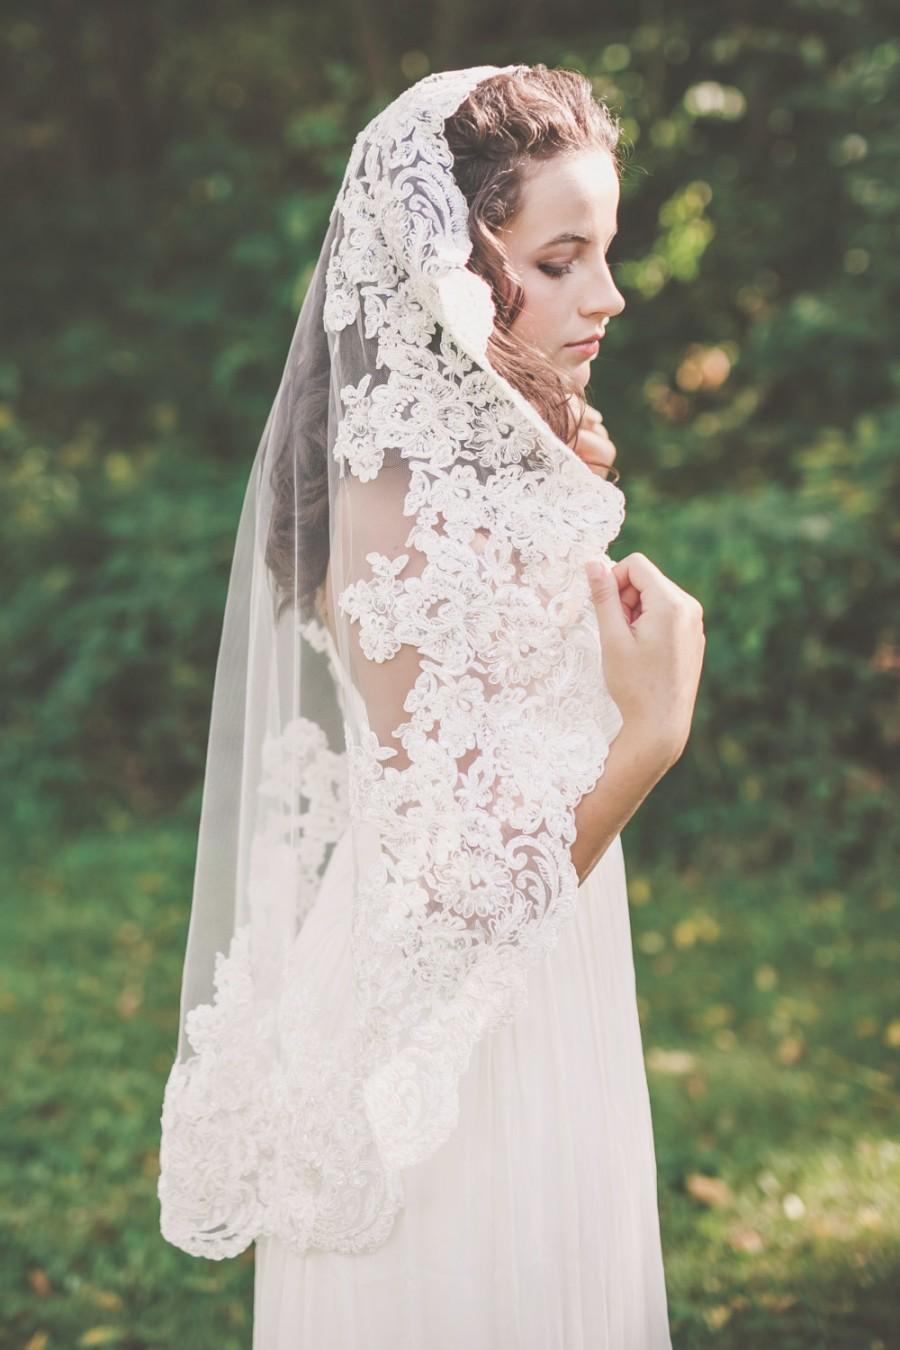 زفاف - mantilla veil, lace mantilla veil, lace edge mantilla, lace mantilla wedding veil, lace bridal veil, lace edge veil  - MERCEDES